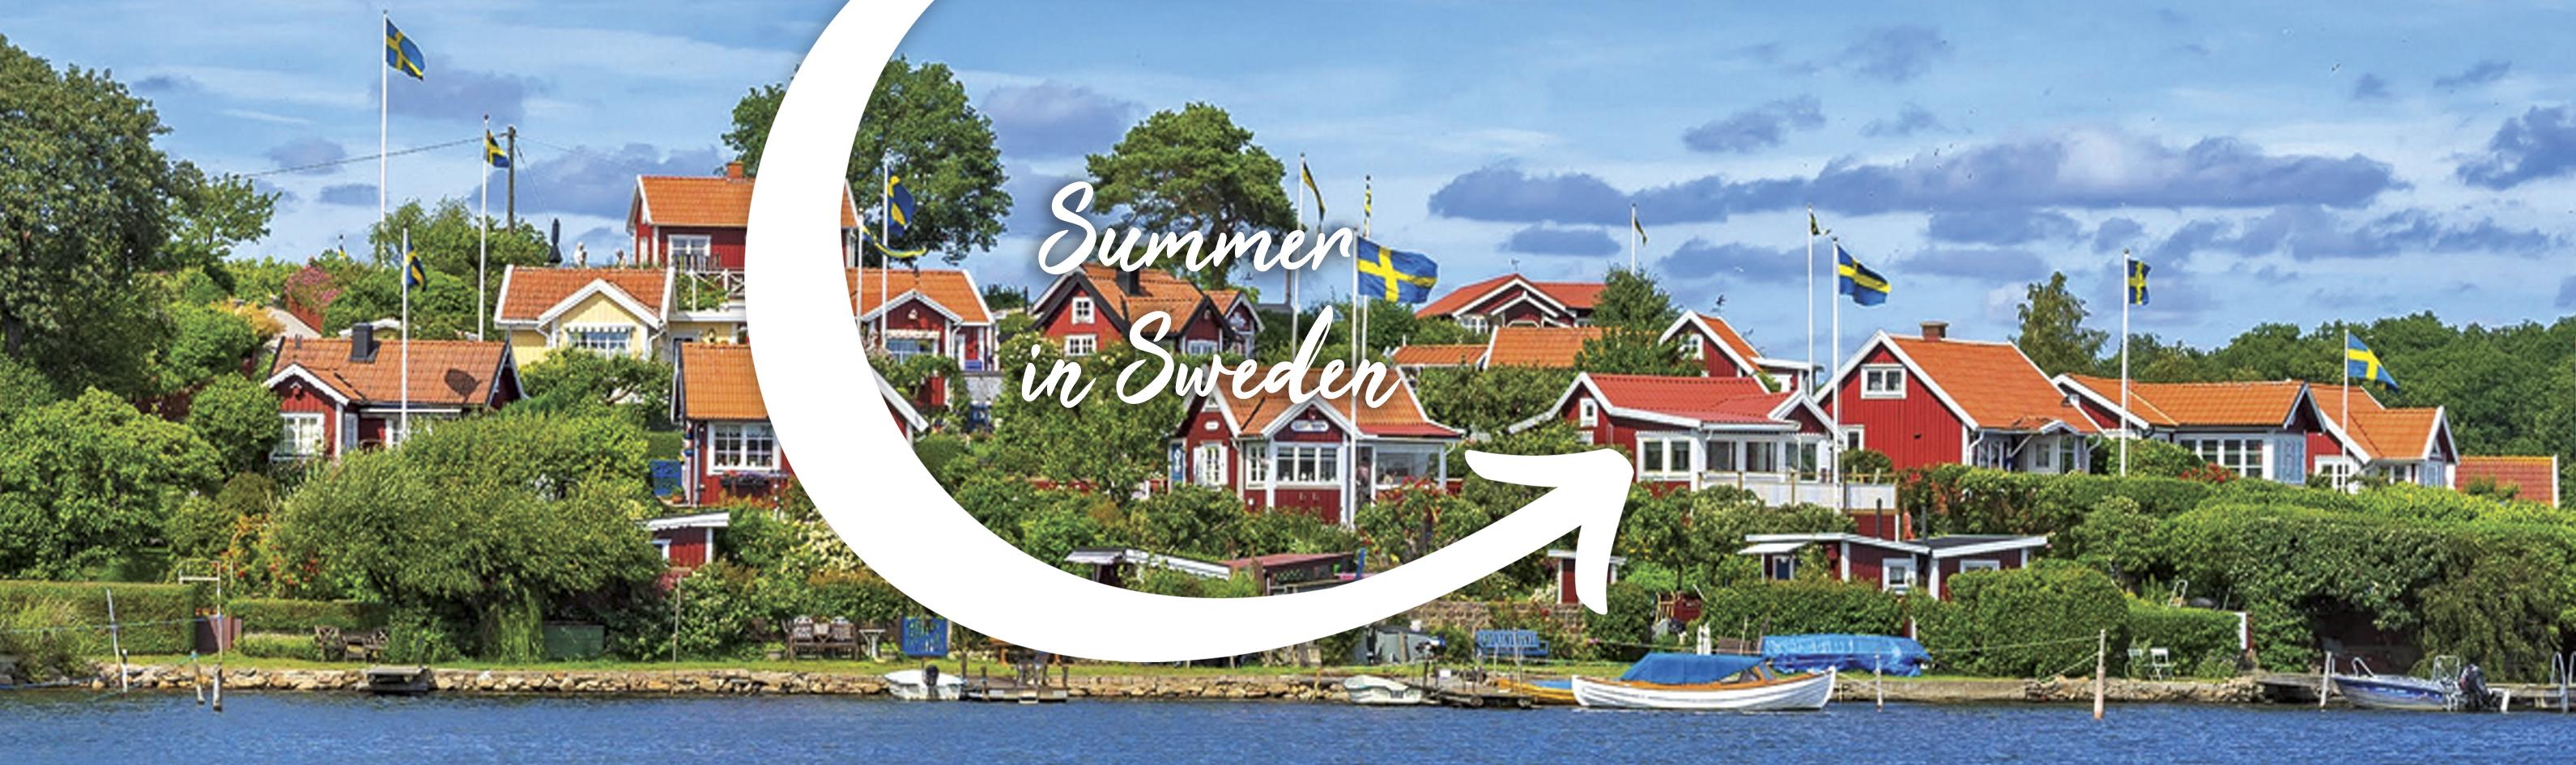 TourBanner2021 - Summer in Sweden